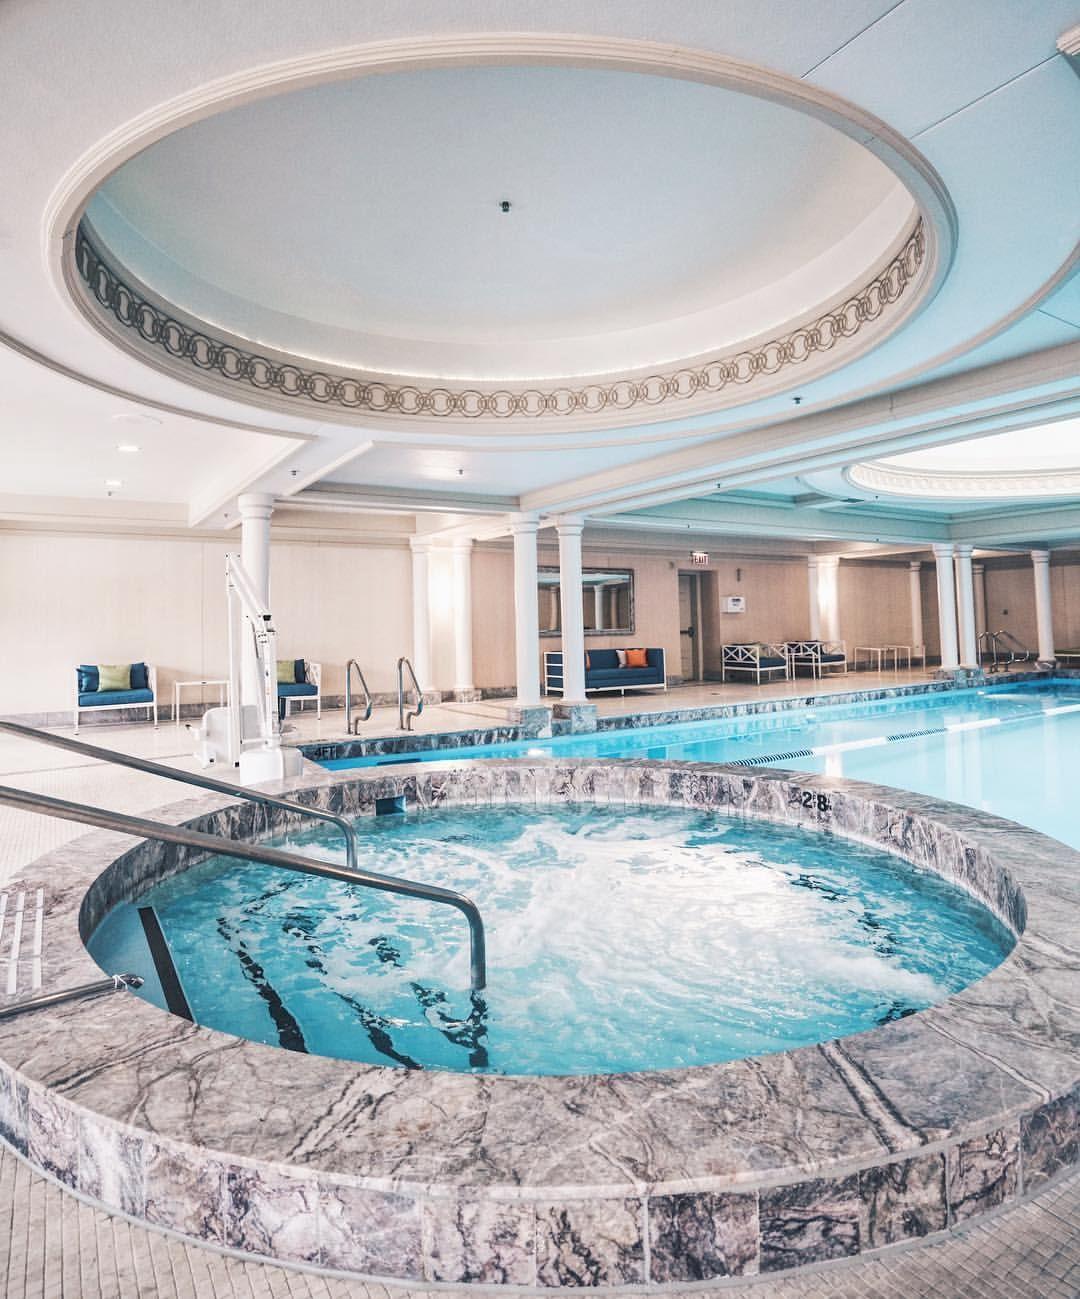 646 Likerklikk 27 Kommentarer Hotels Dametravelerhotels Dametravelerhotels På Instagram Did You Know The Can City View Hotel Chicago Hotel Room Hotel